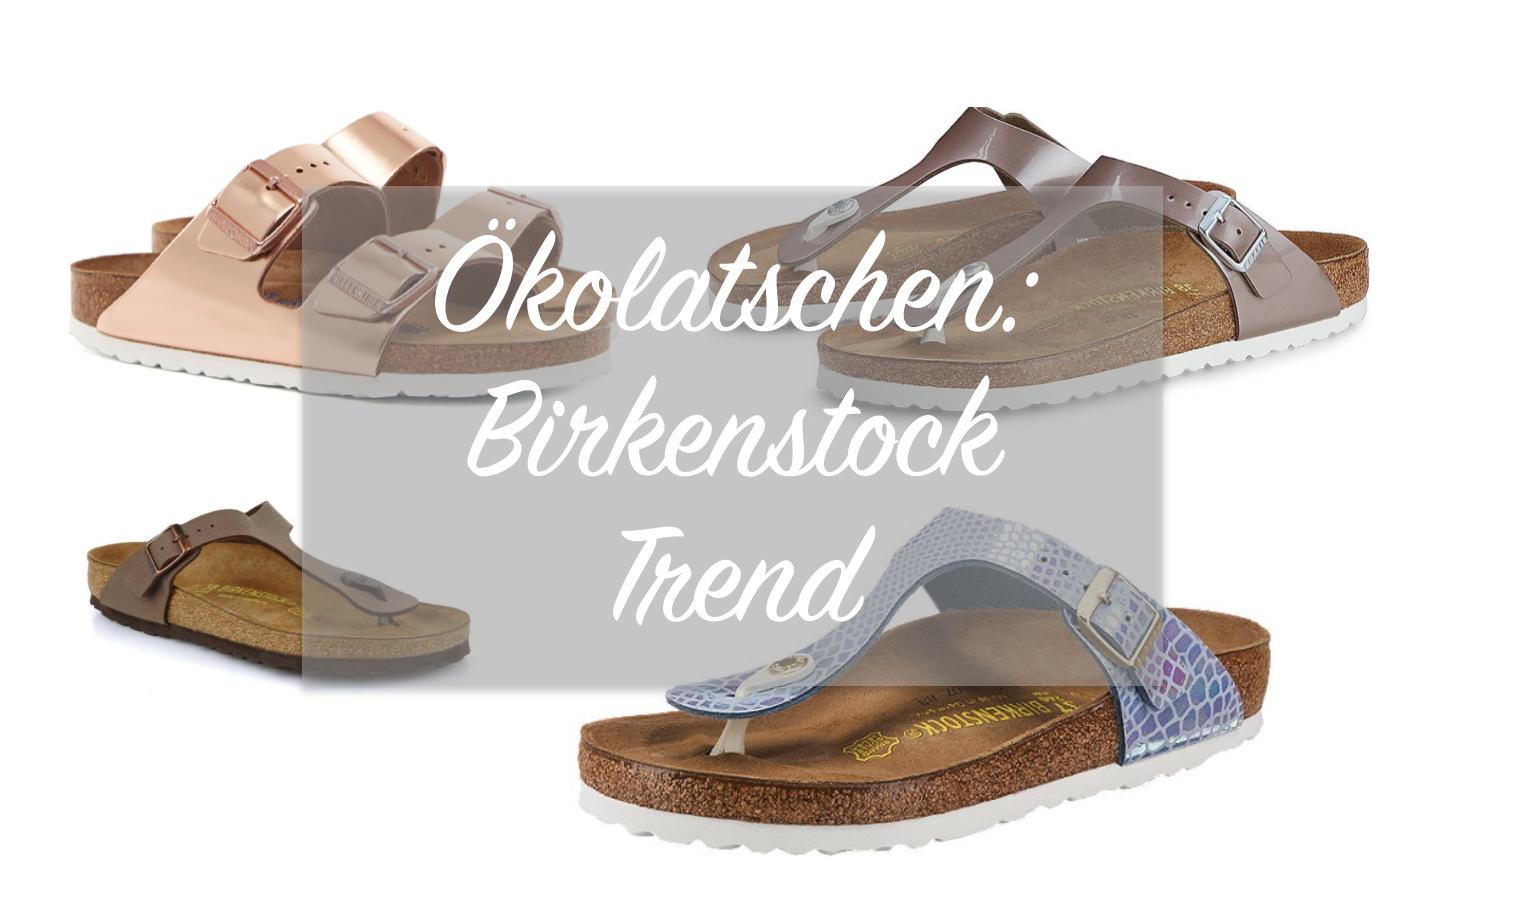 brand new 7f946 e5bbe Ökolatschen: Der stylische Birkenstock Trend | Fashion